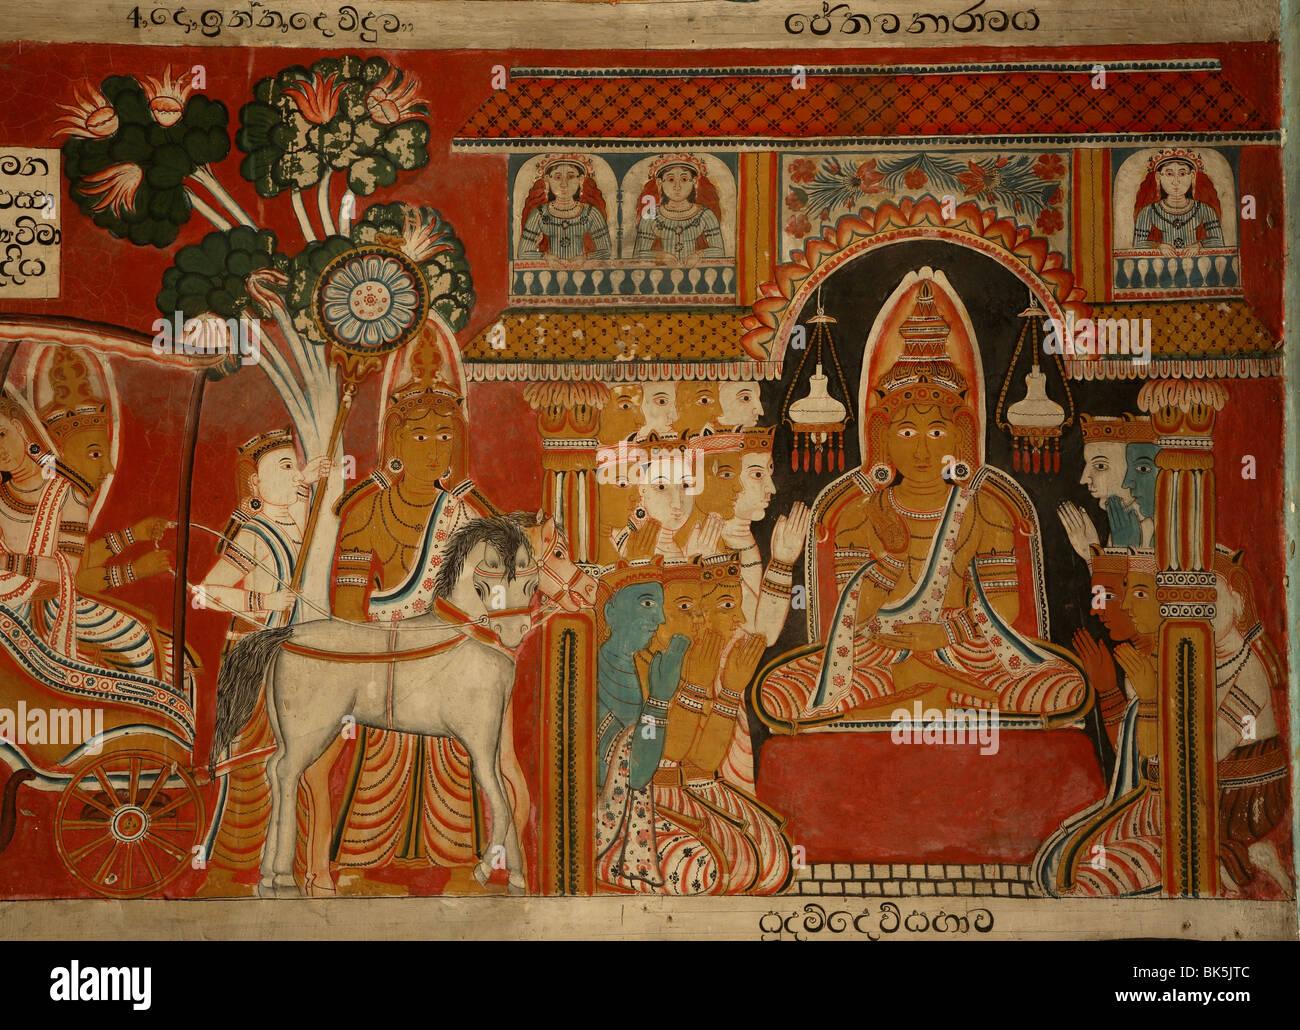 Gratuit datant Colombo